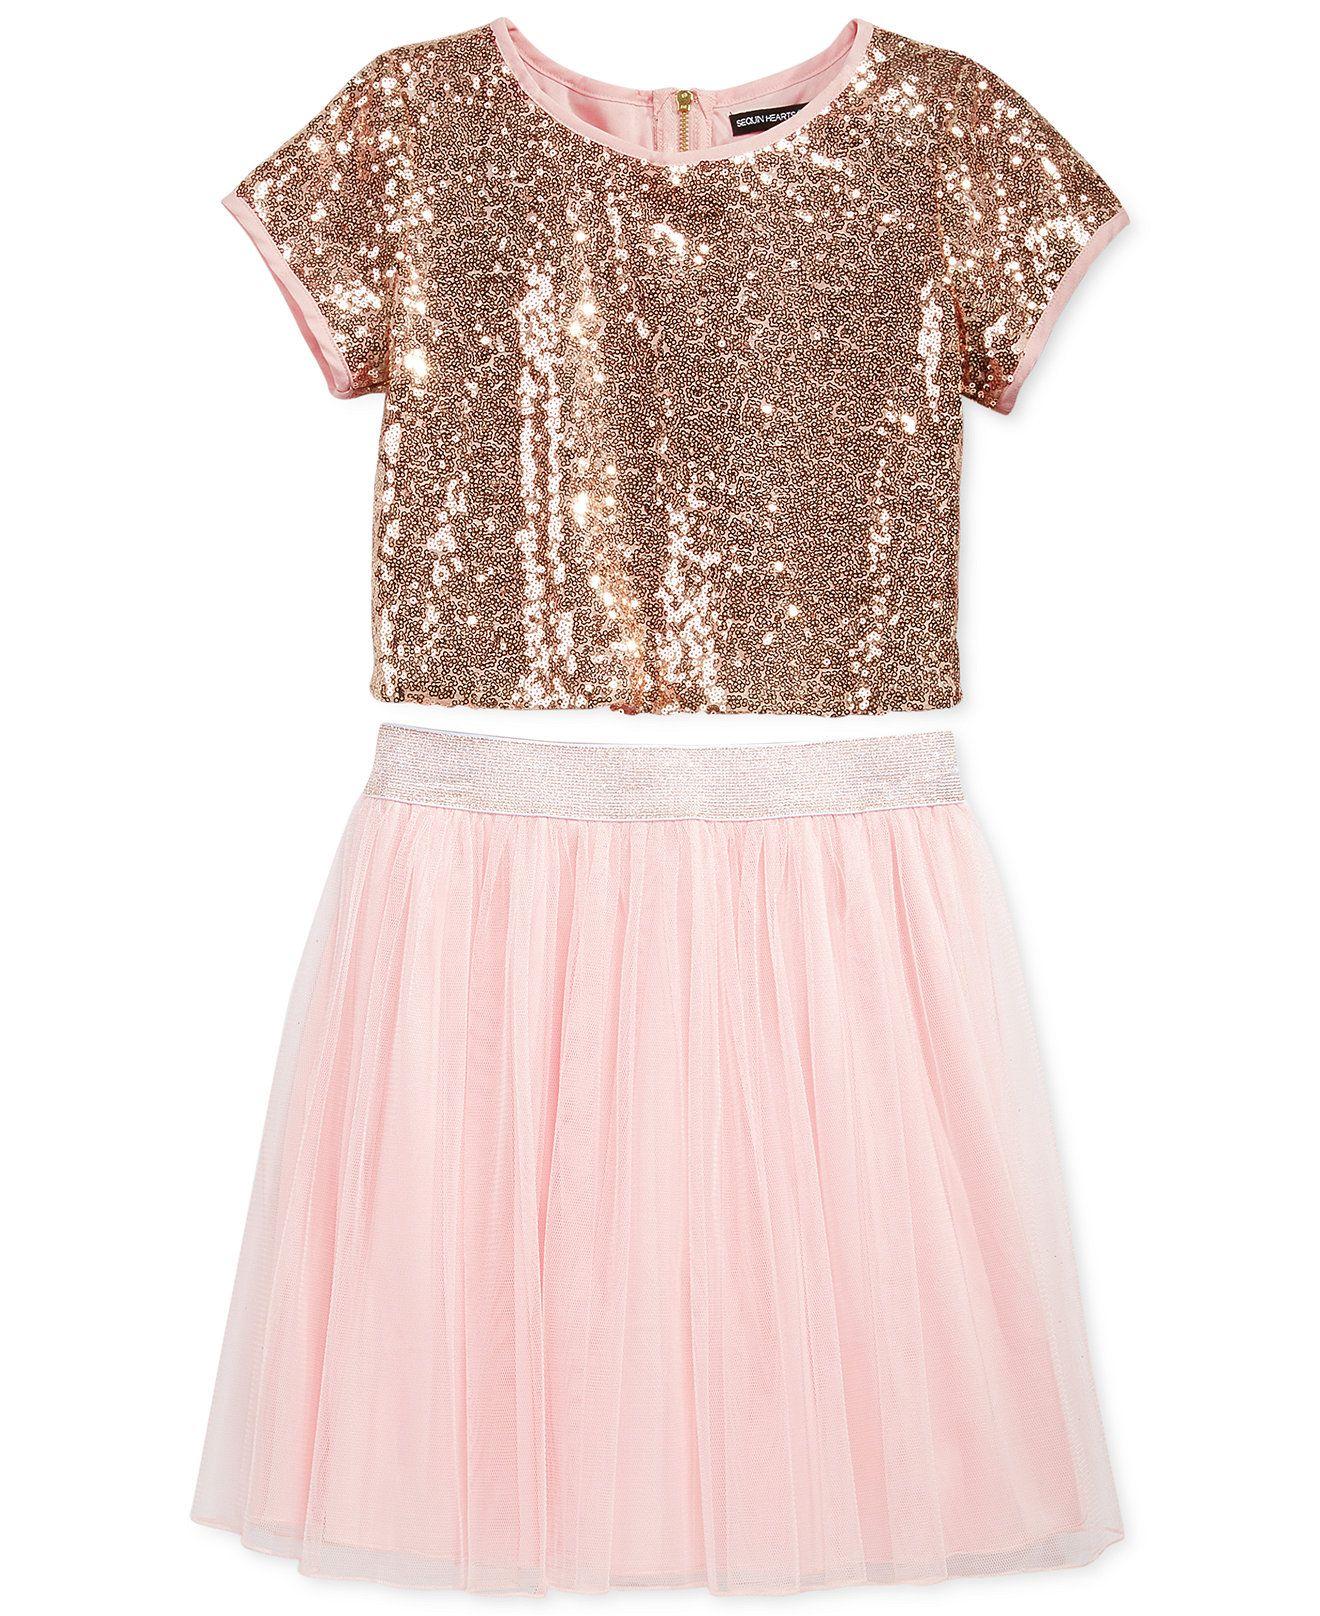 Sequin Hearts Girls 2 Piece Sequin Top Tulle Skirt Set Dresses Kids Baby Macy S Tulle Skirt Girls Sequin Top Kids Dress [ 1616 x 1320 Pixel ]